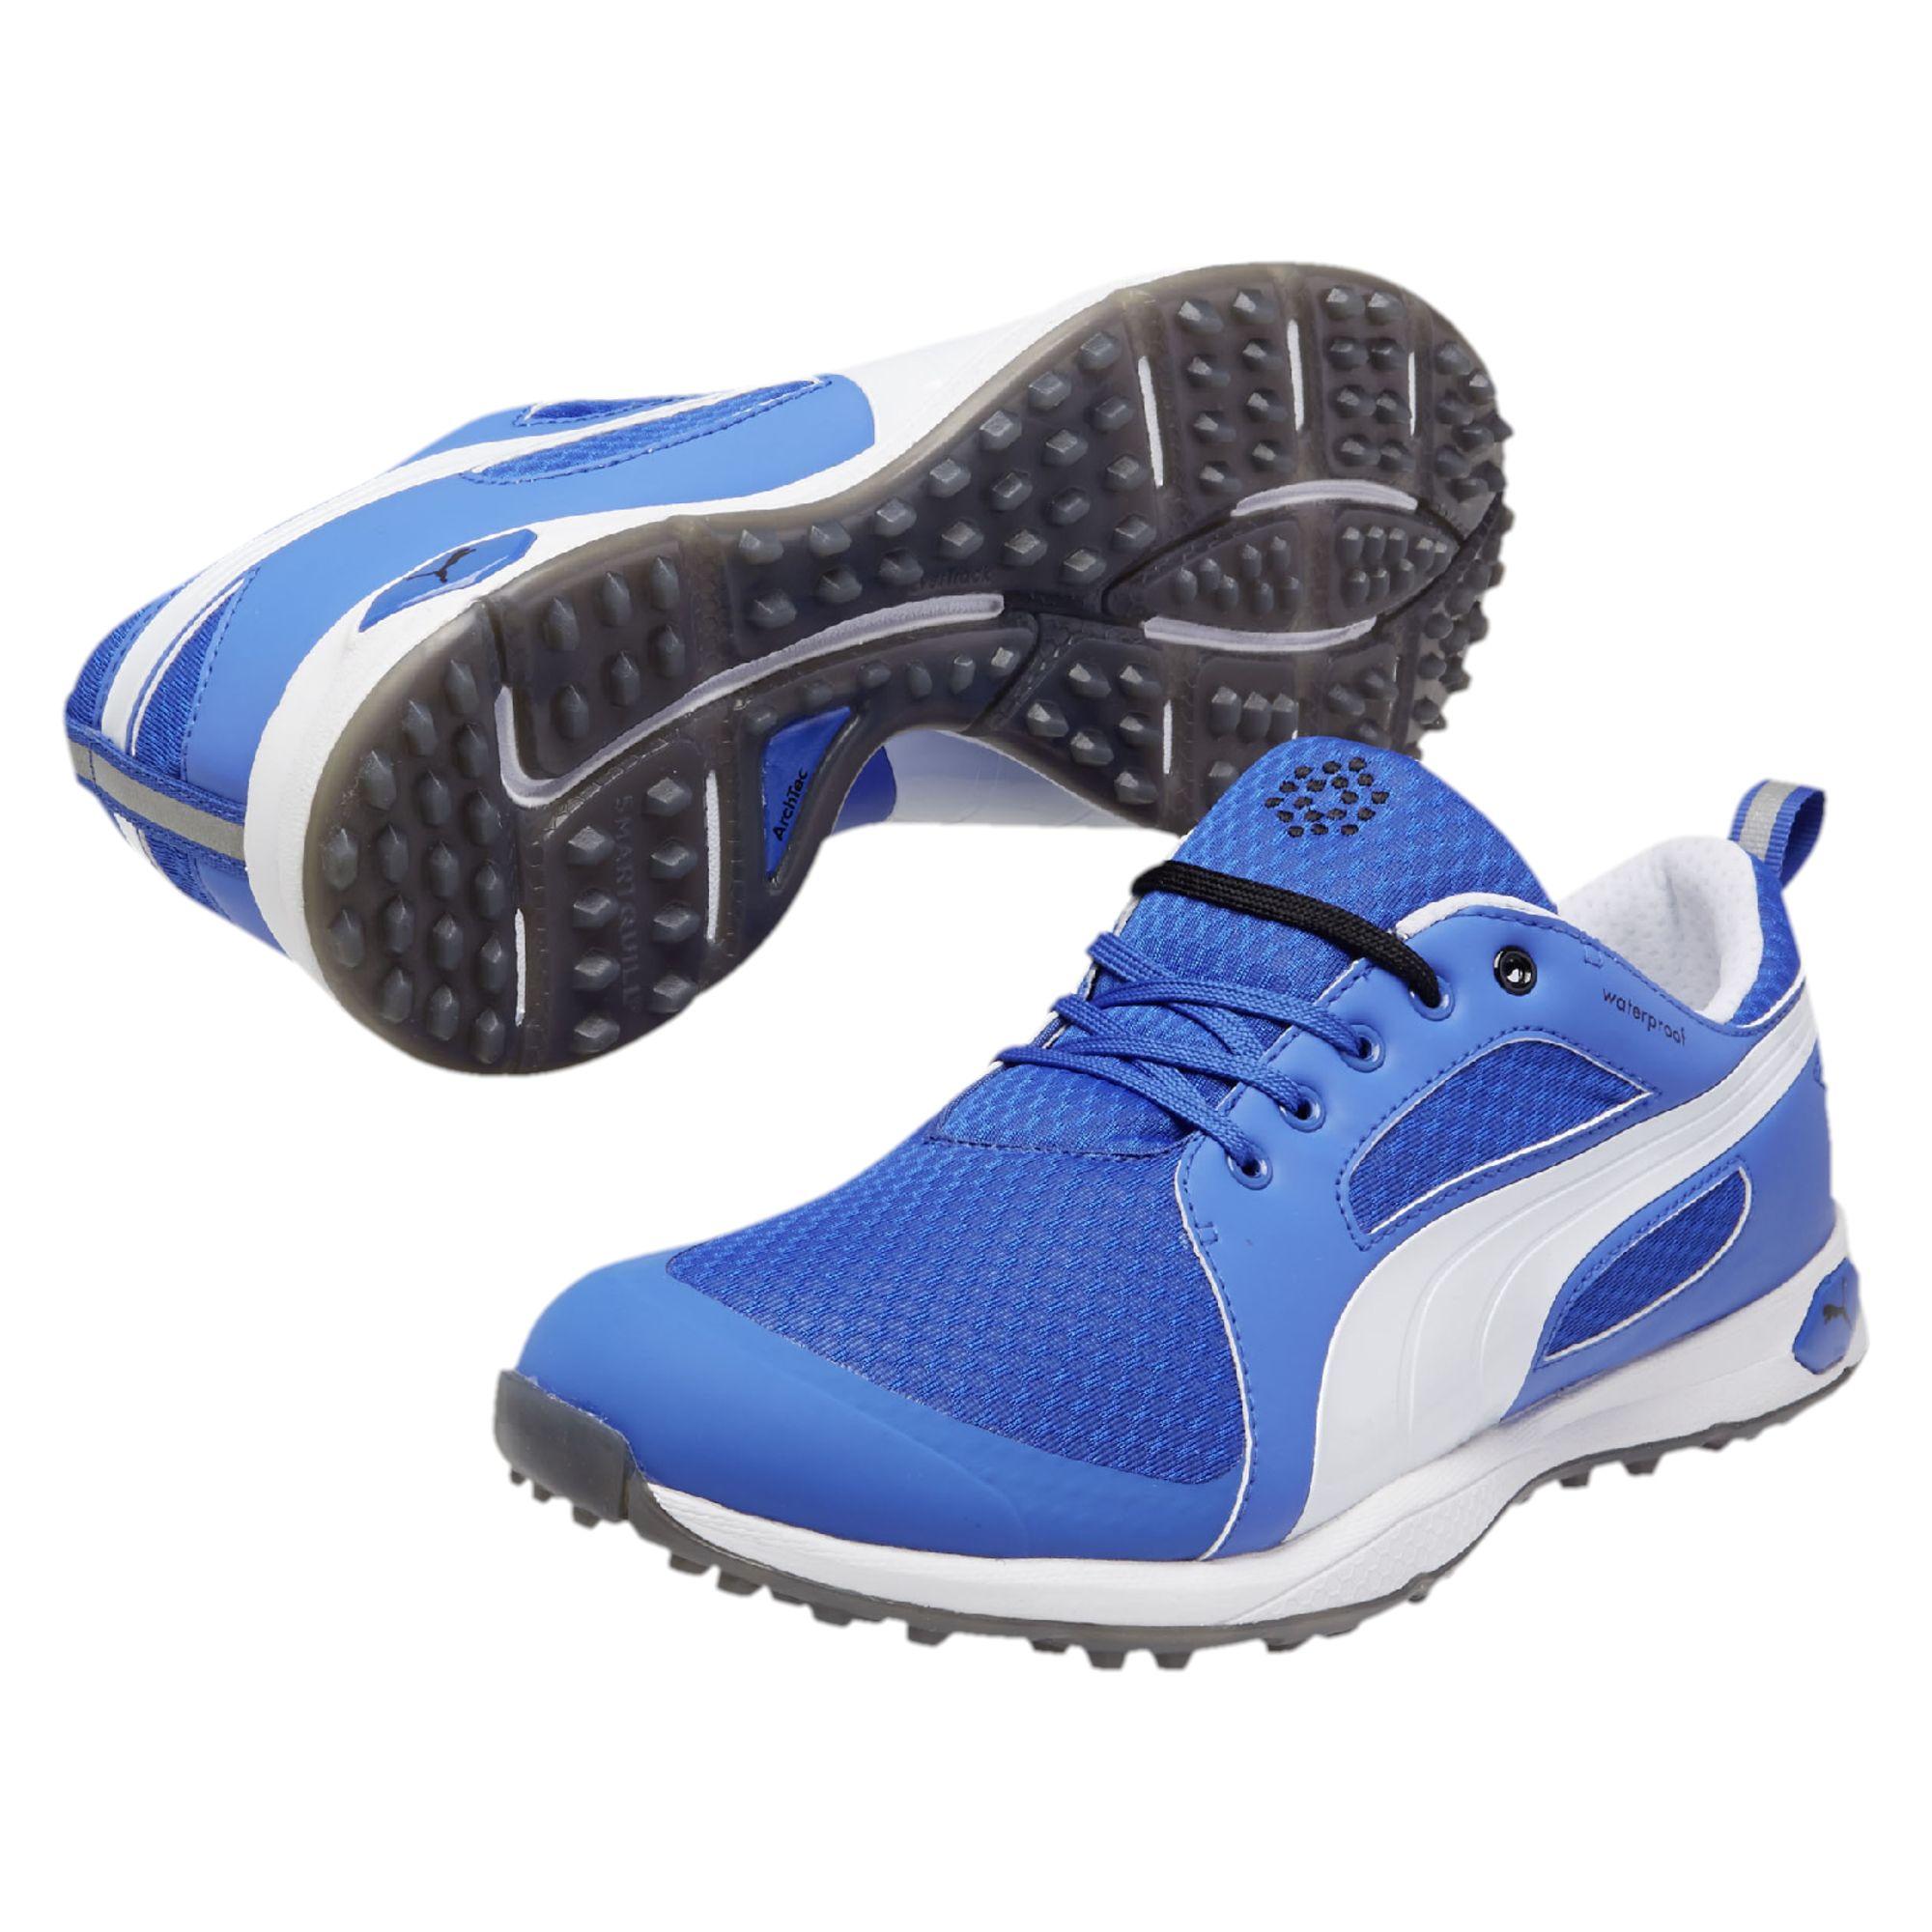 2f153147ab7 PUMA BioFly Mesh Golf Shoes Footwear Golf Men New